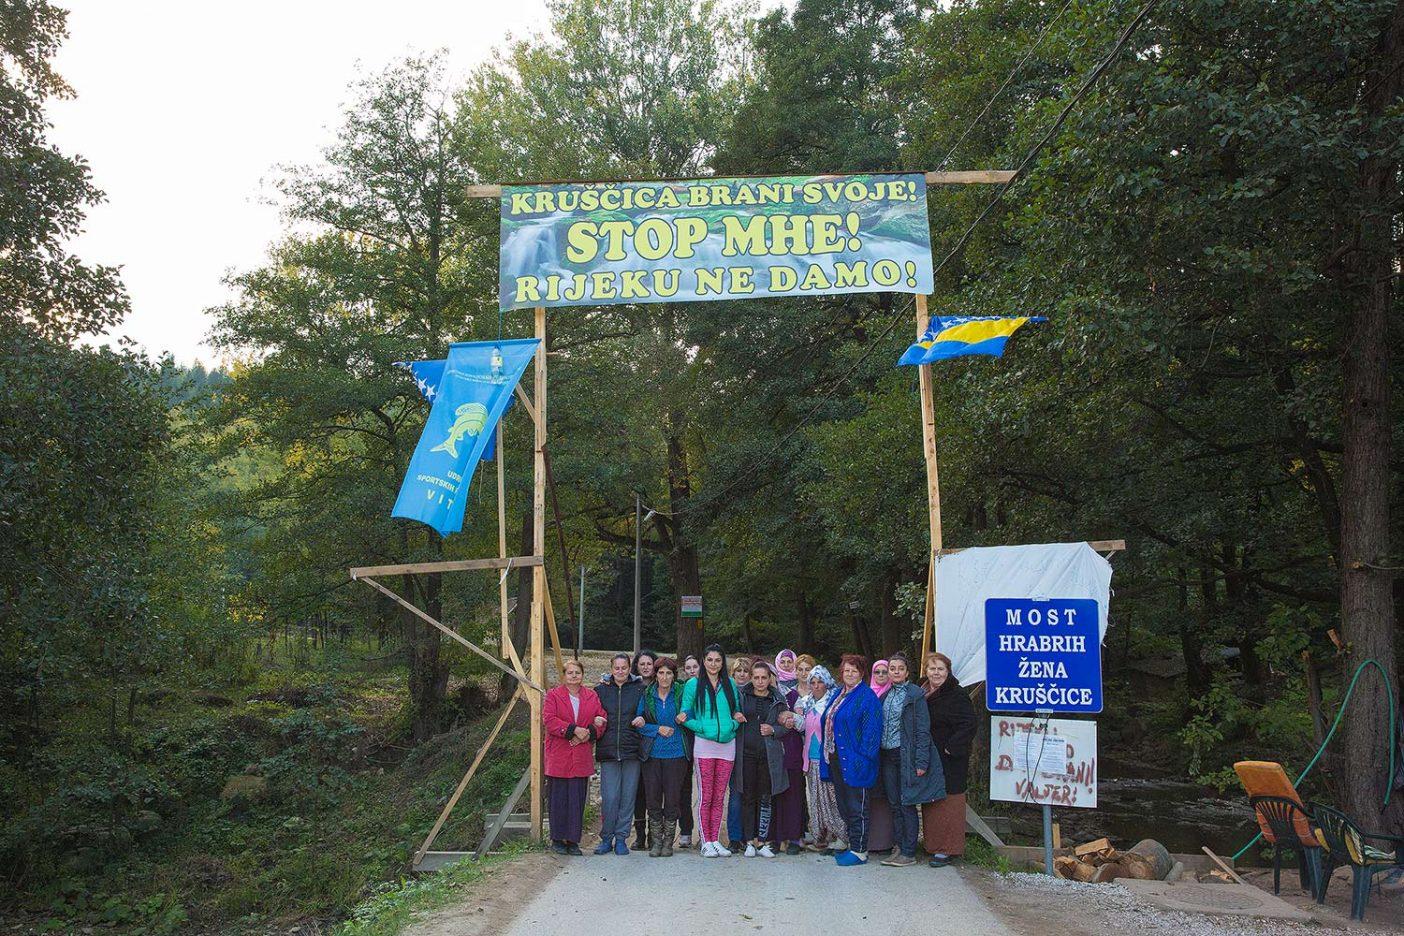 """Die """"tapferen Frauen von Kruščica"""" blockieren seit über einem Jahr eine Brücke über den Fluss  Kruščica, um ein Wasserkraftprojekt zu verhindern. Die beiden geplanten Anlagen würden den Wildfluss und die Trinkwasserversorgung der Gemeinde gefährden. © Andrew Burr"""